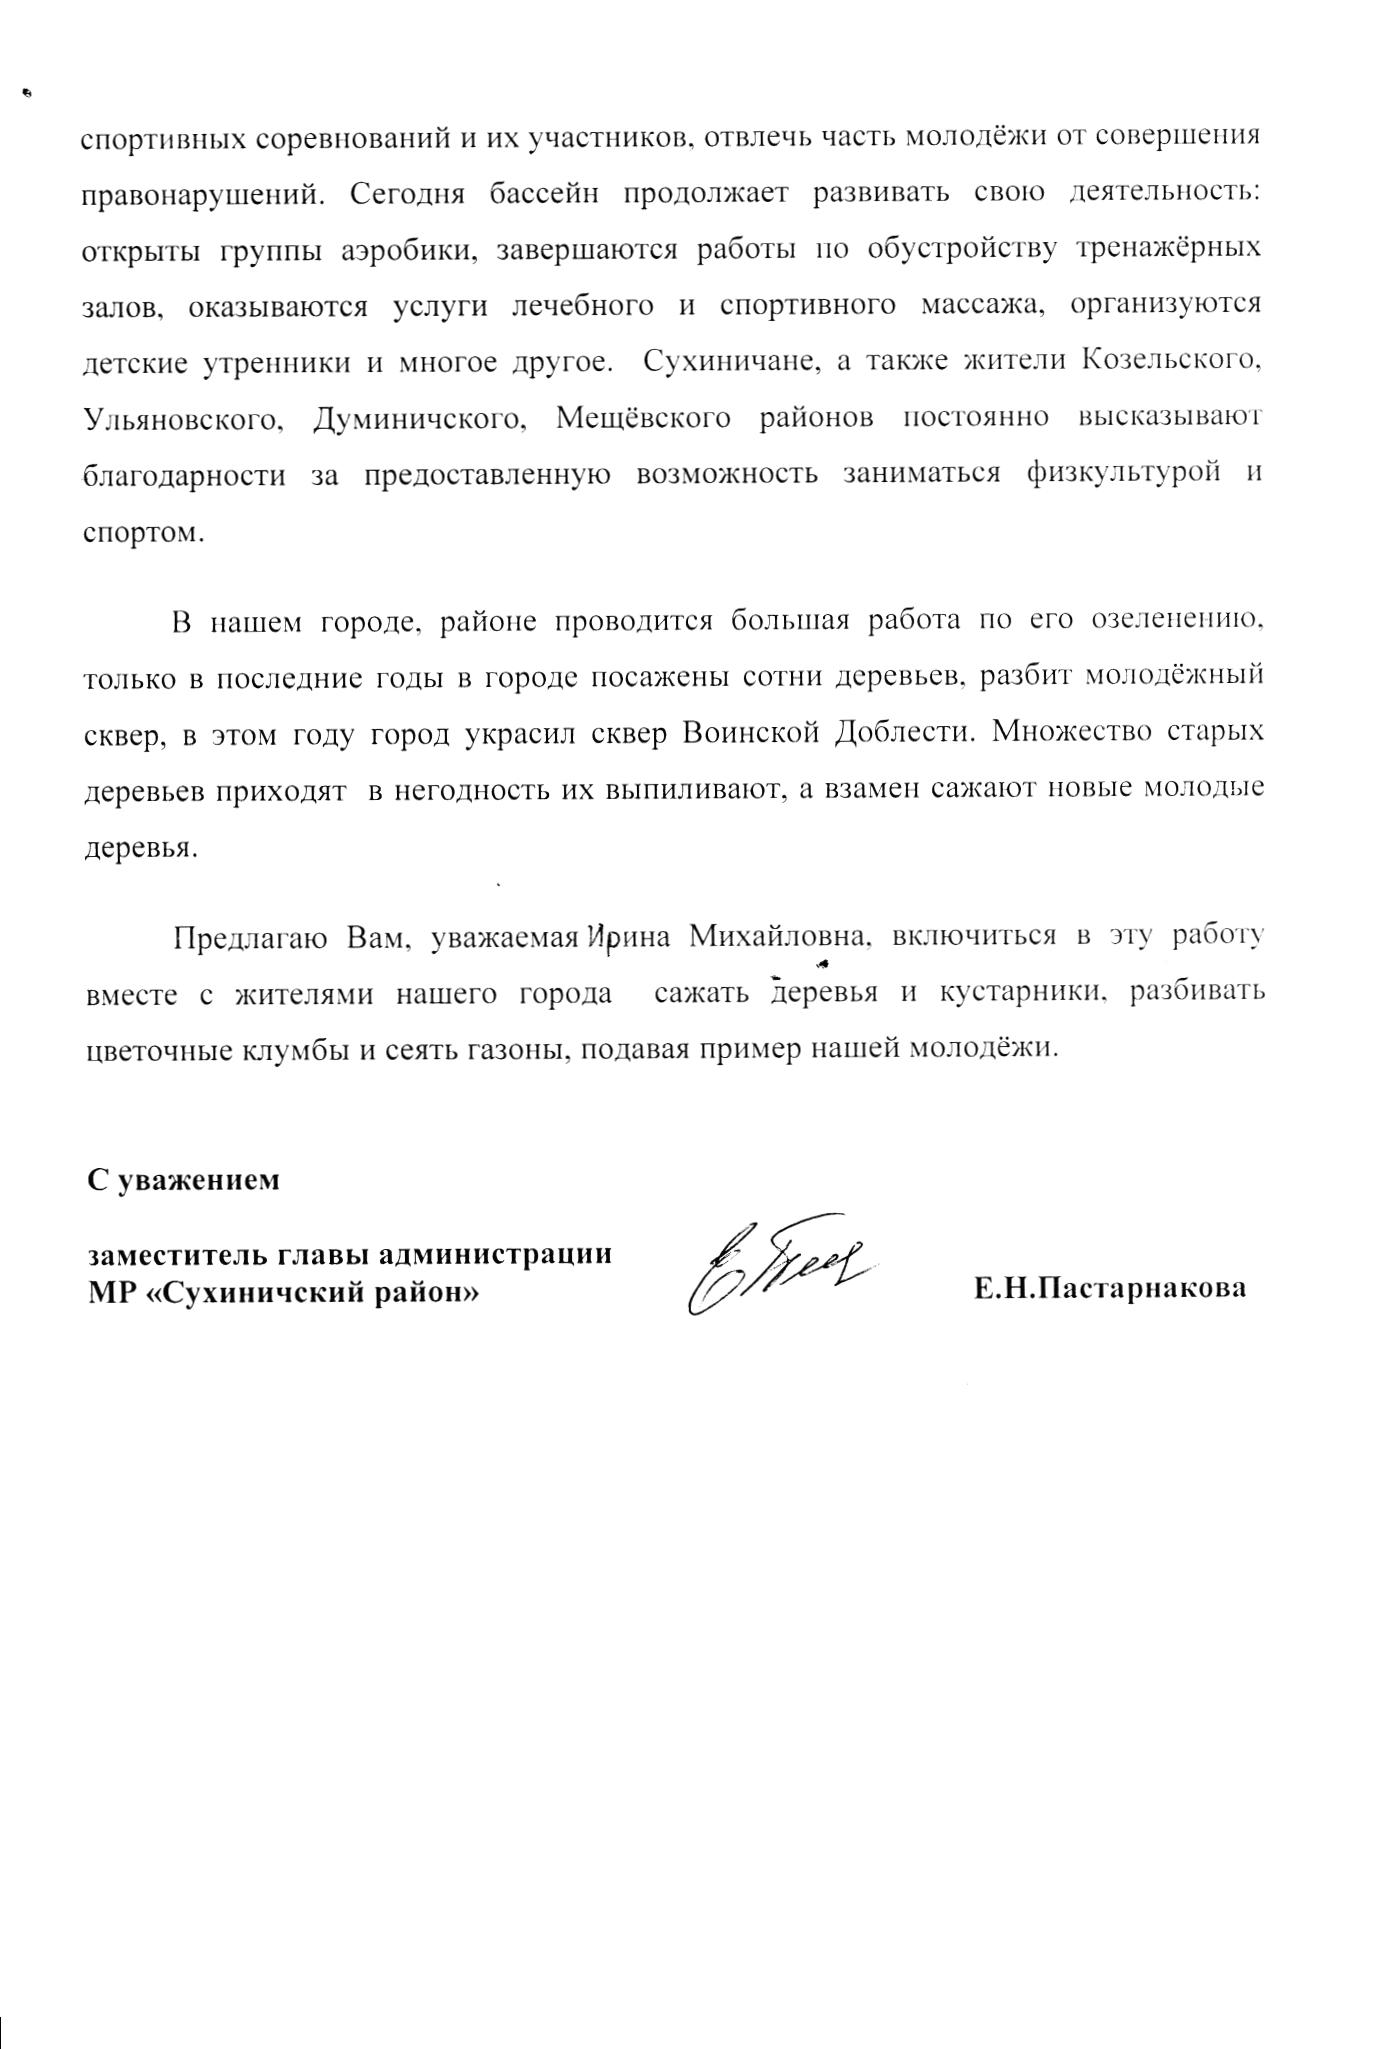 Ответ администрации 10.09.15_2